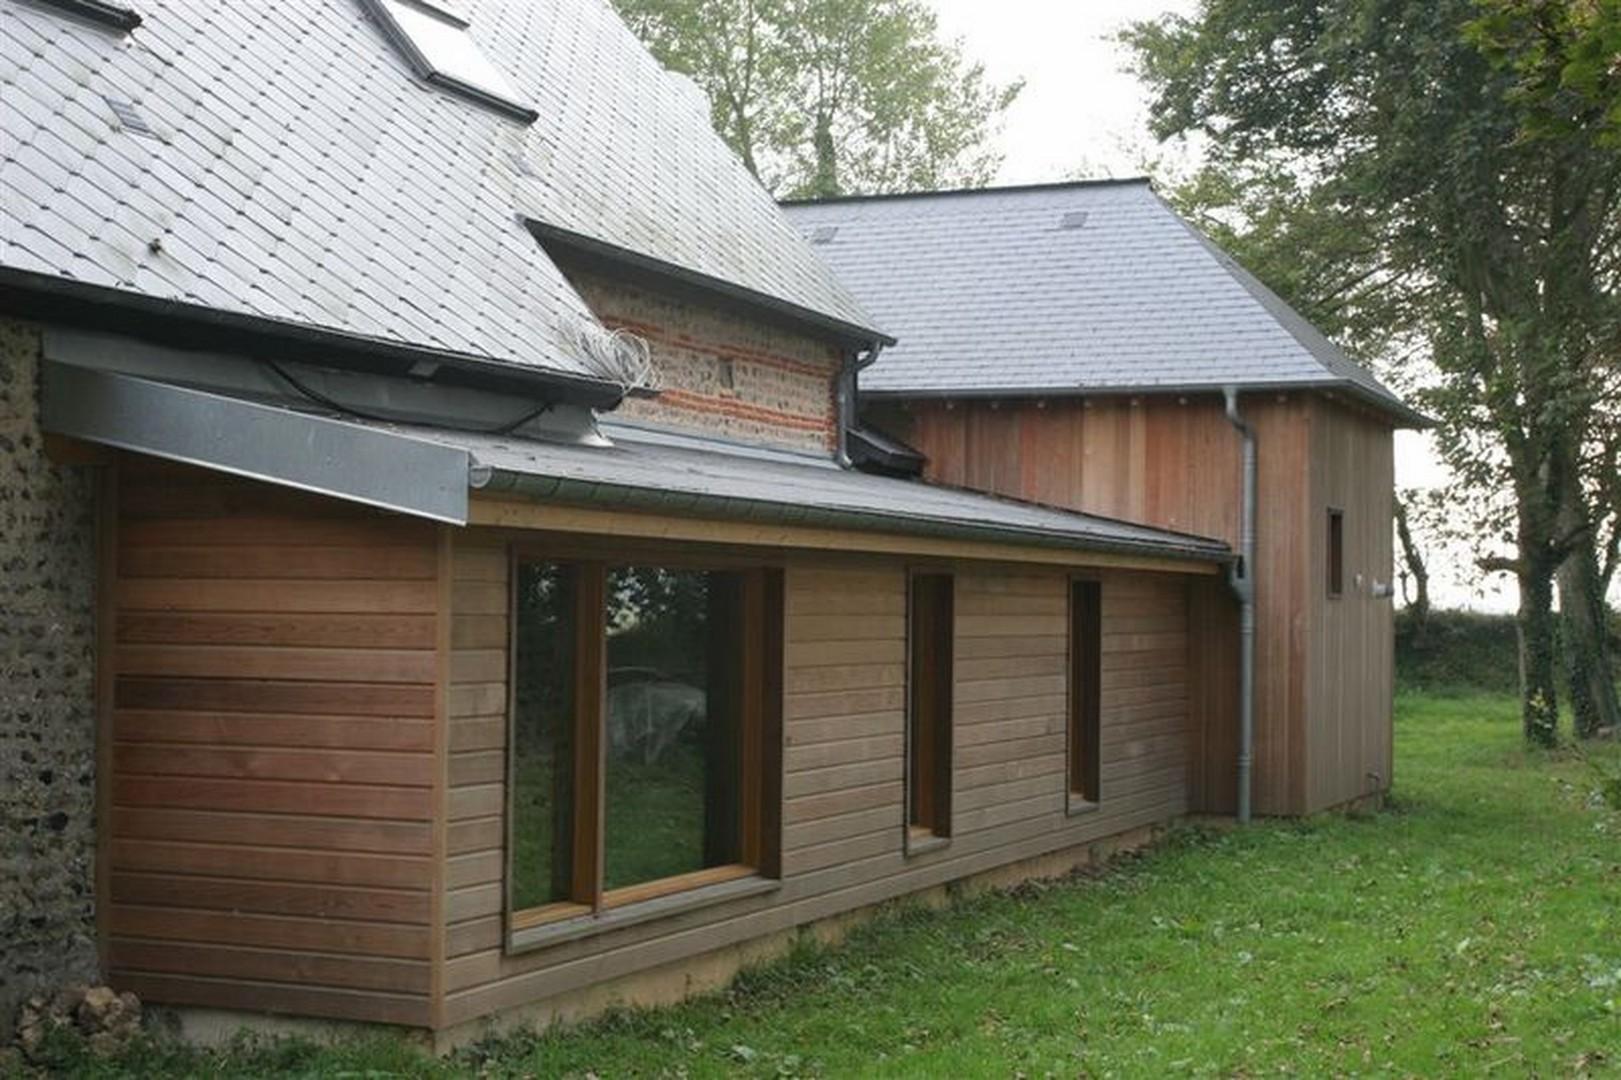 Construction maison bois etretat l 39 atelier du phare for Agrandissement maison bois